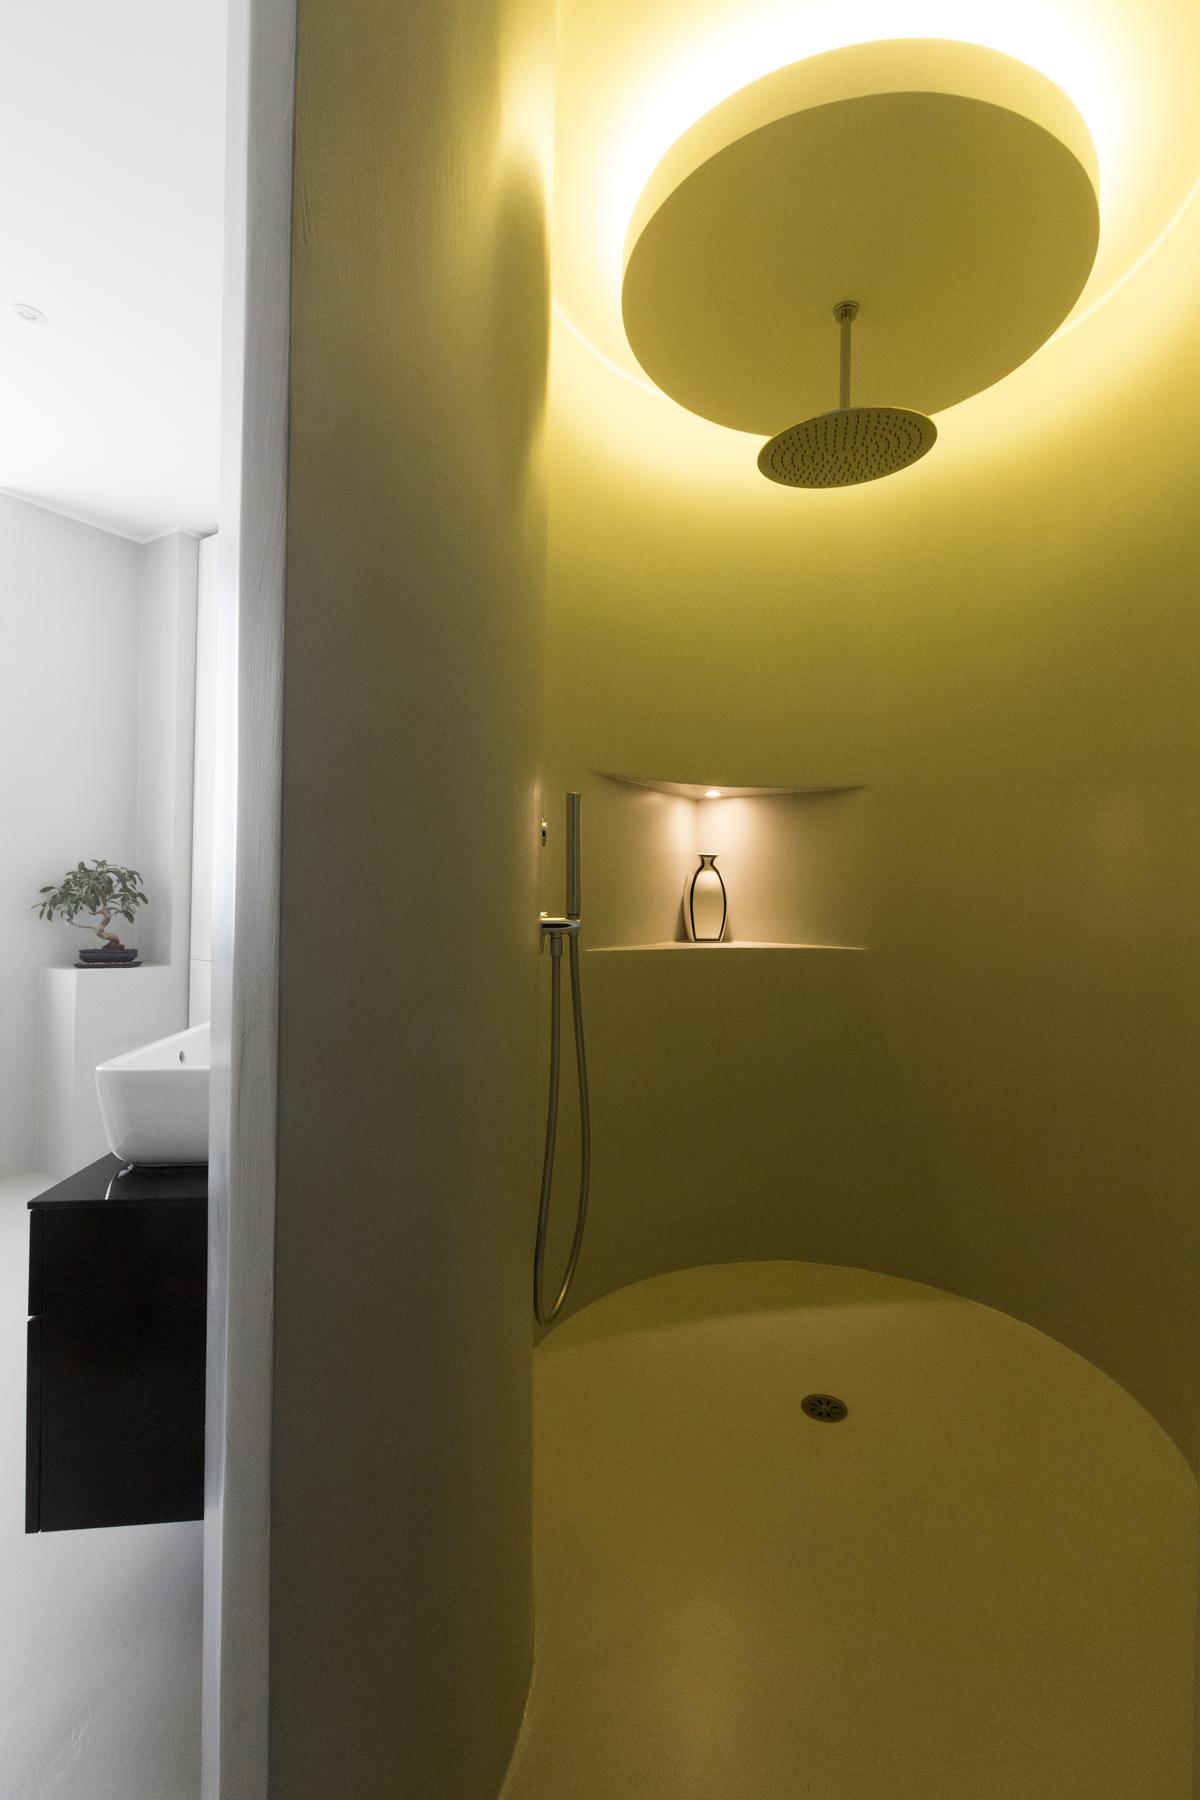 Additional photo for property listing at Elegant apartment with sleek interiors near Palestro gardens Via Turati Milano, Milan 20121 Italia